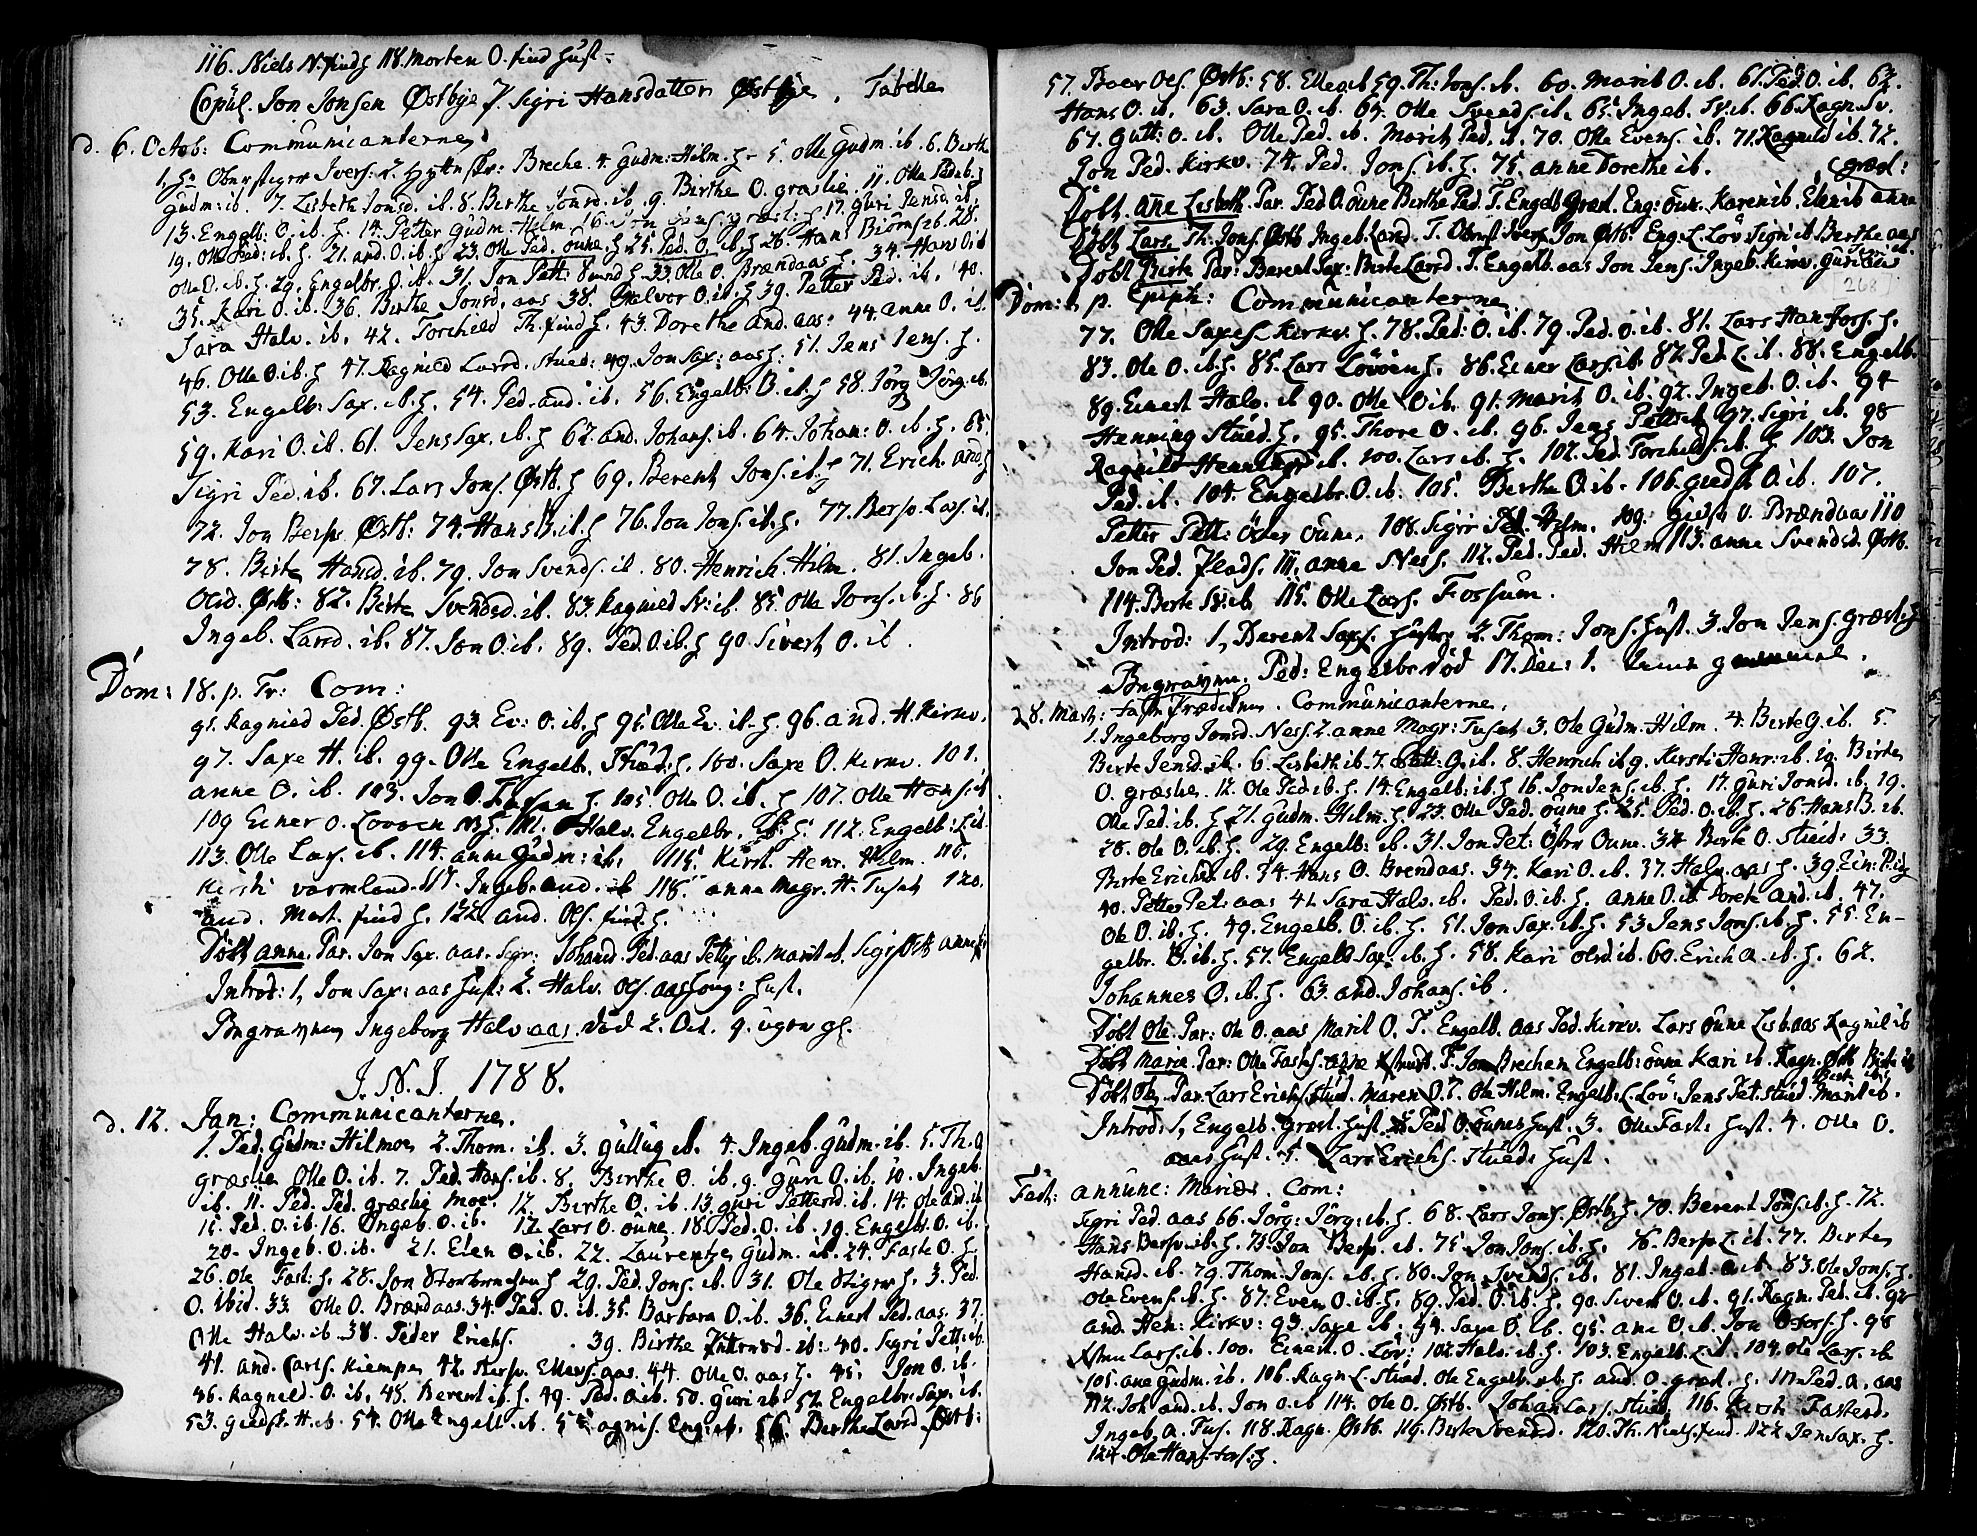 SAT, Ministerialprotokoller, klokkerbøker og fødselsregistre - Sør-Trøndelag, 695/L1139: Ministerialbok nr. 695A02 /2, 1776-1790, s. 268